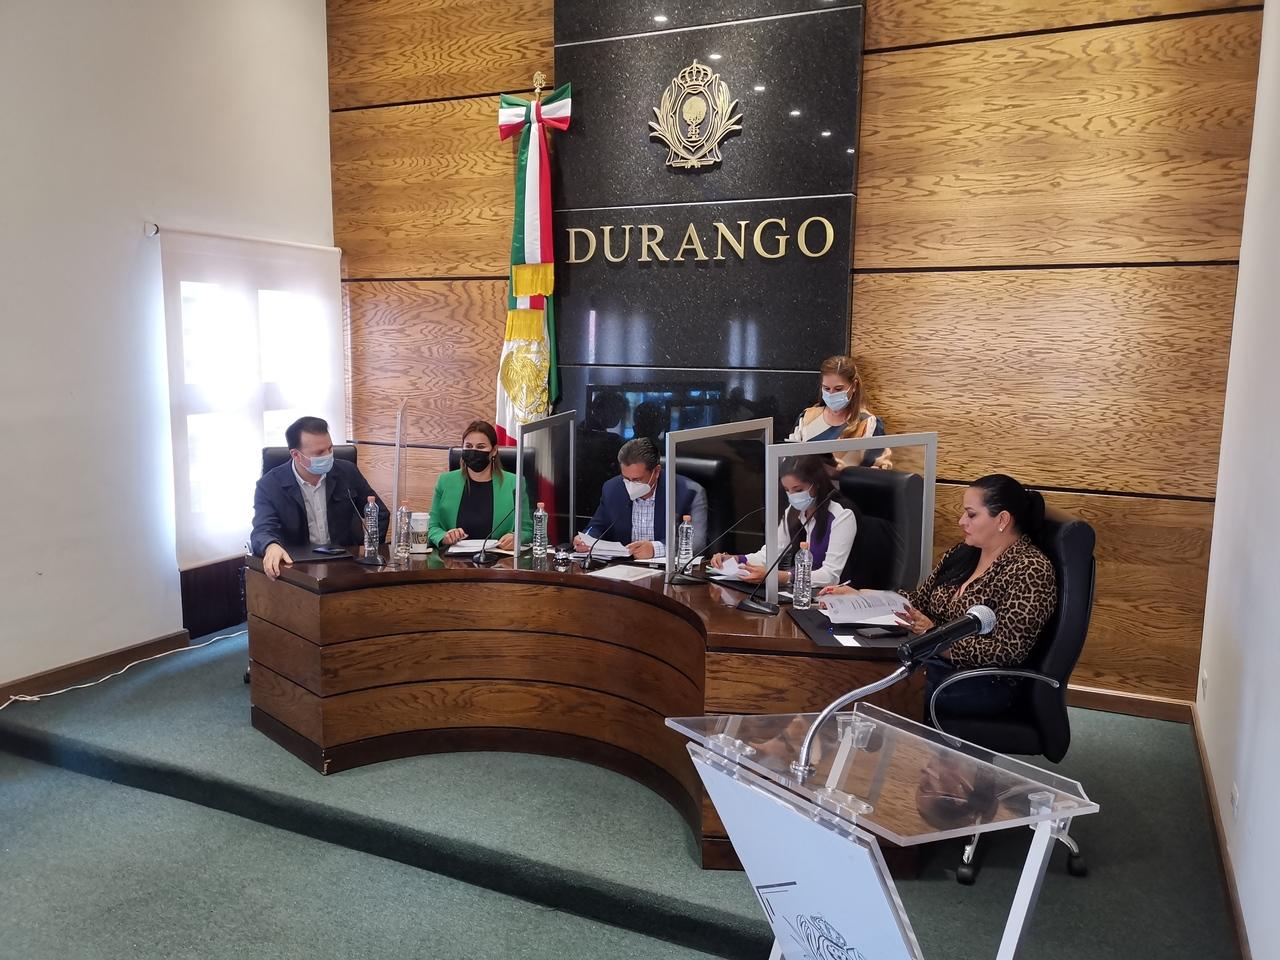 Descartan discutir hoy matrimonio igualitario en Durango